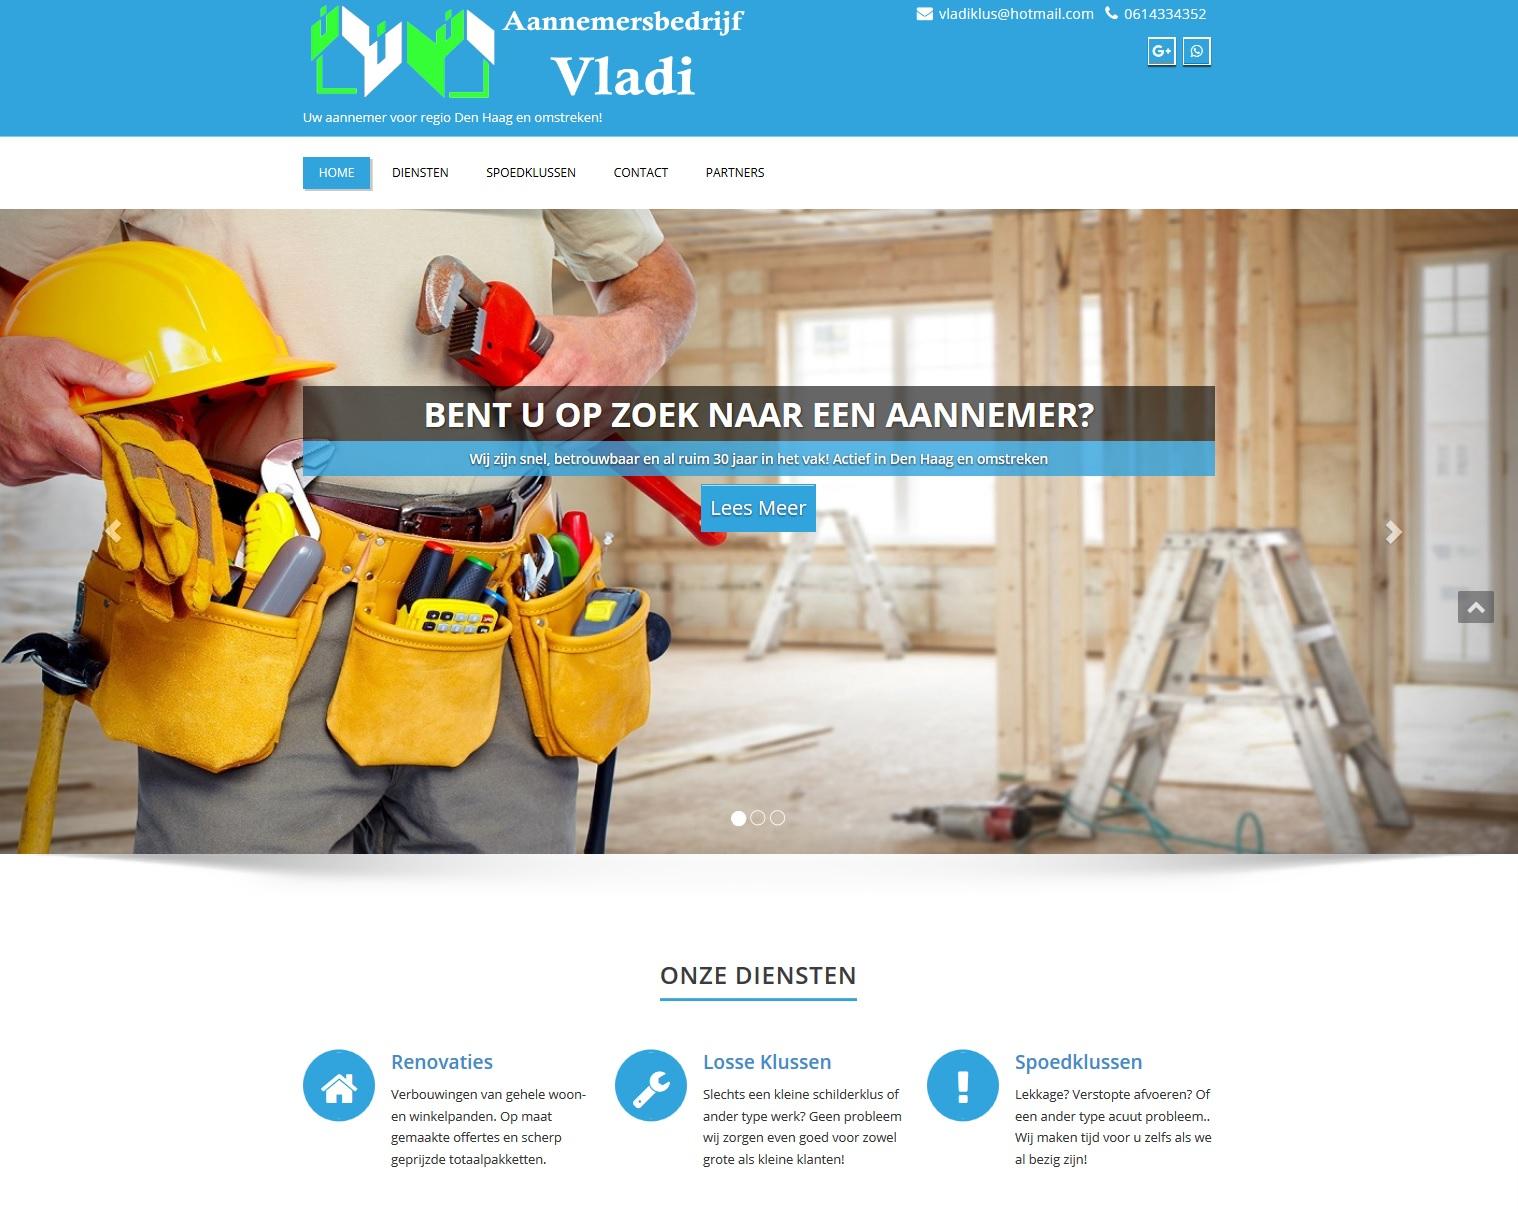 aannemer-vladi.nl